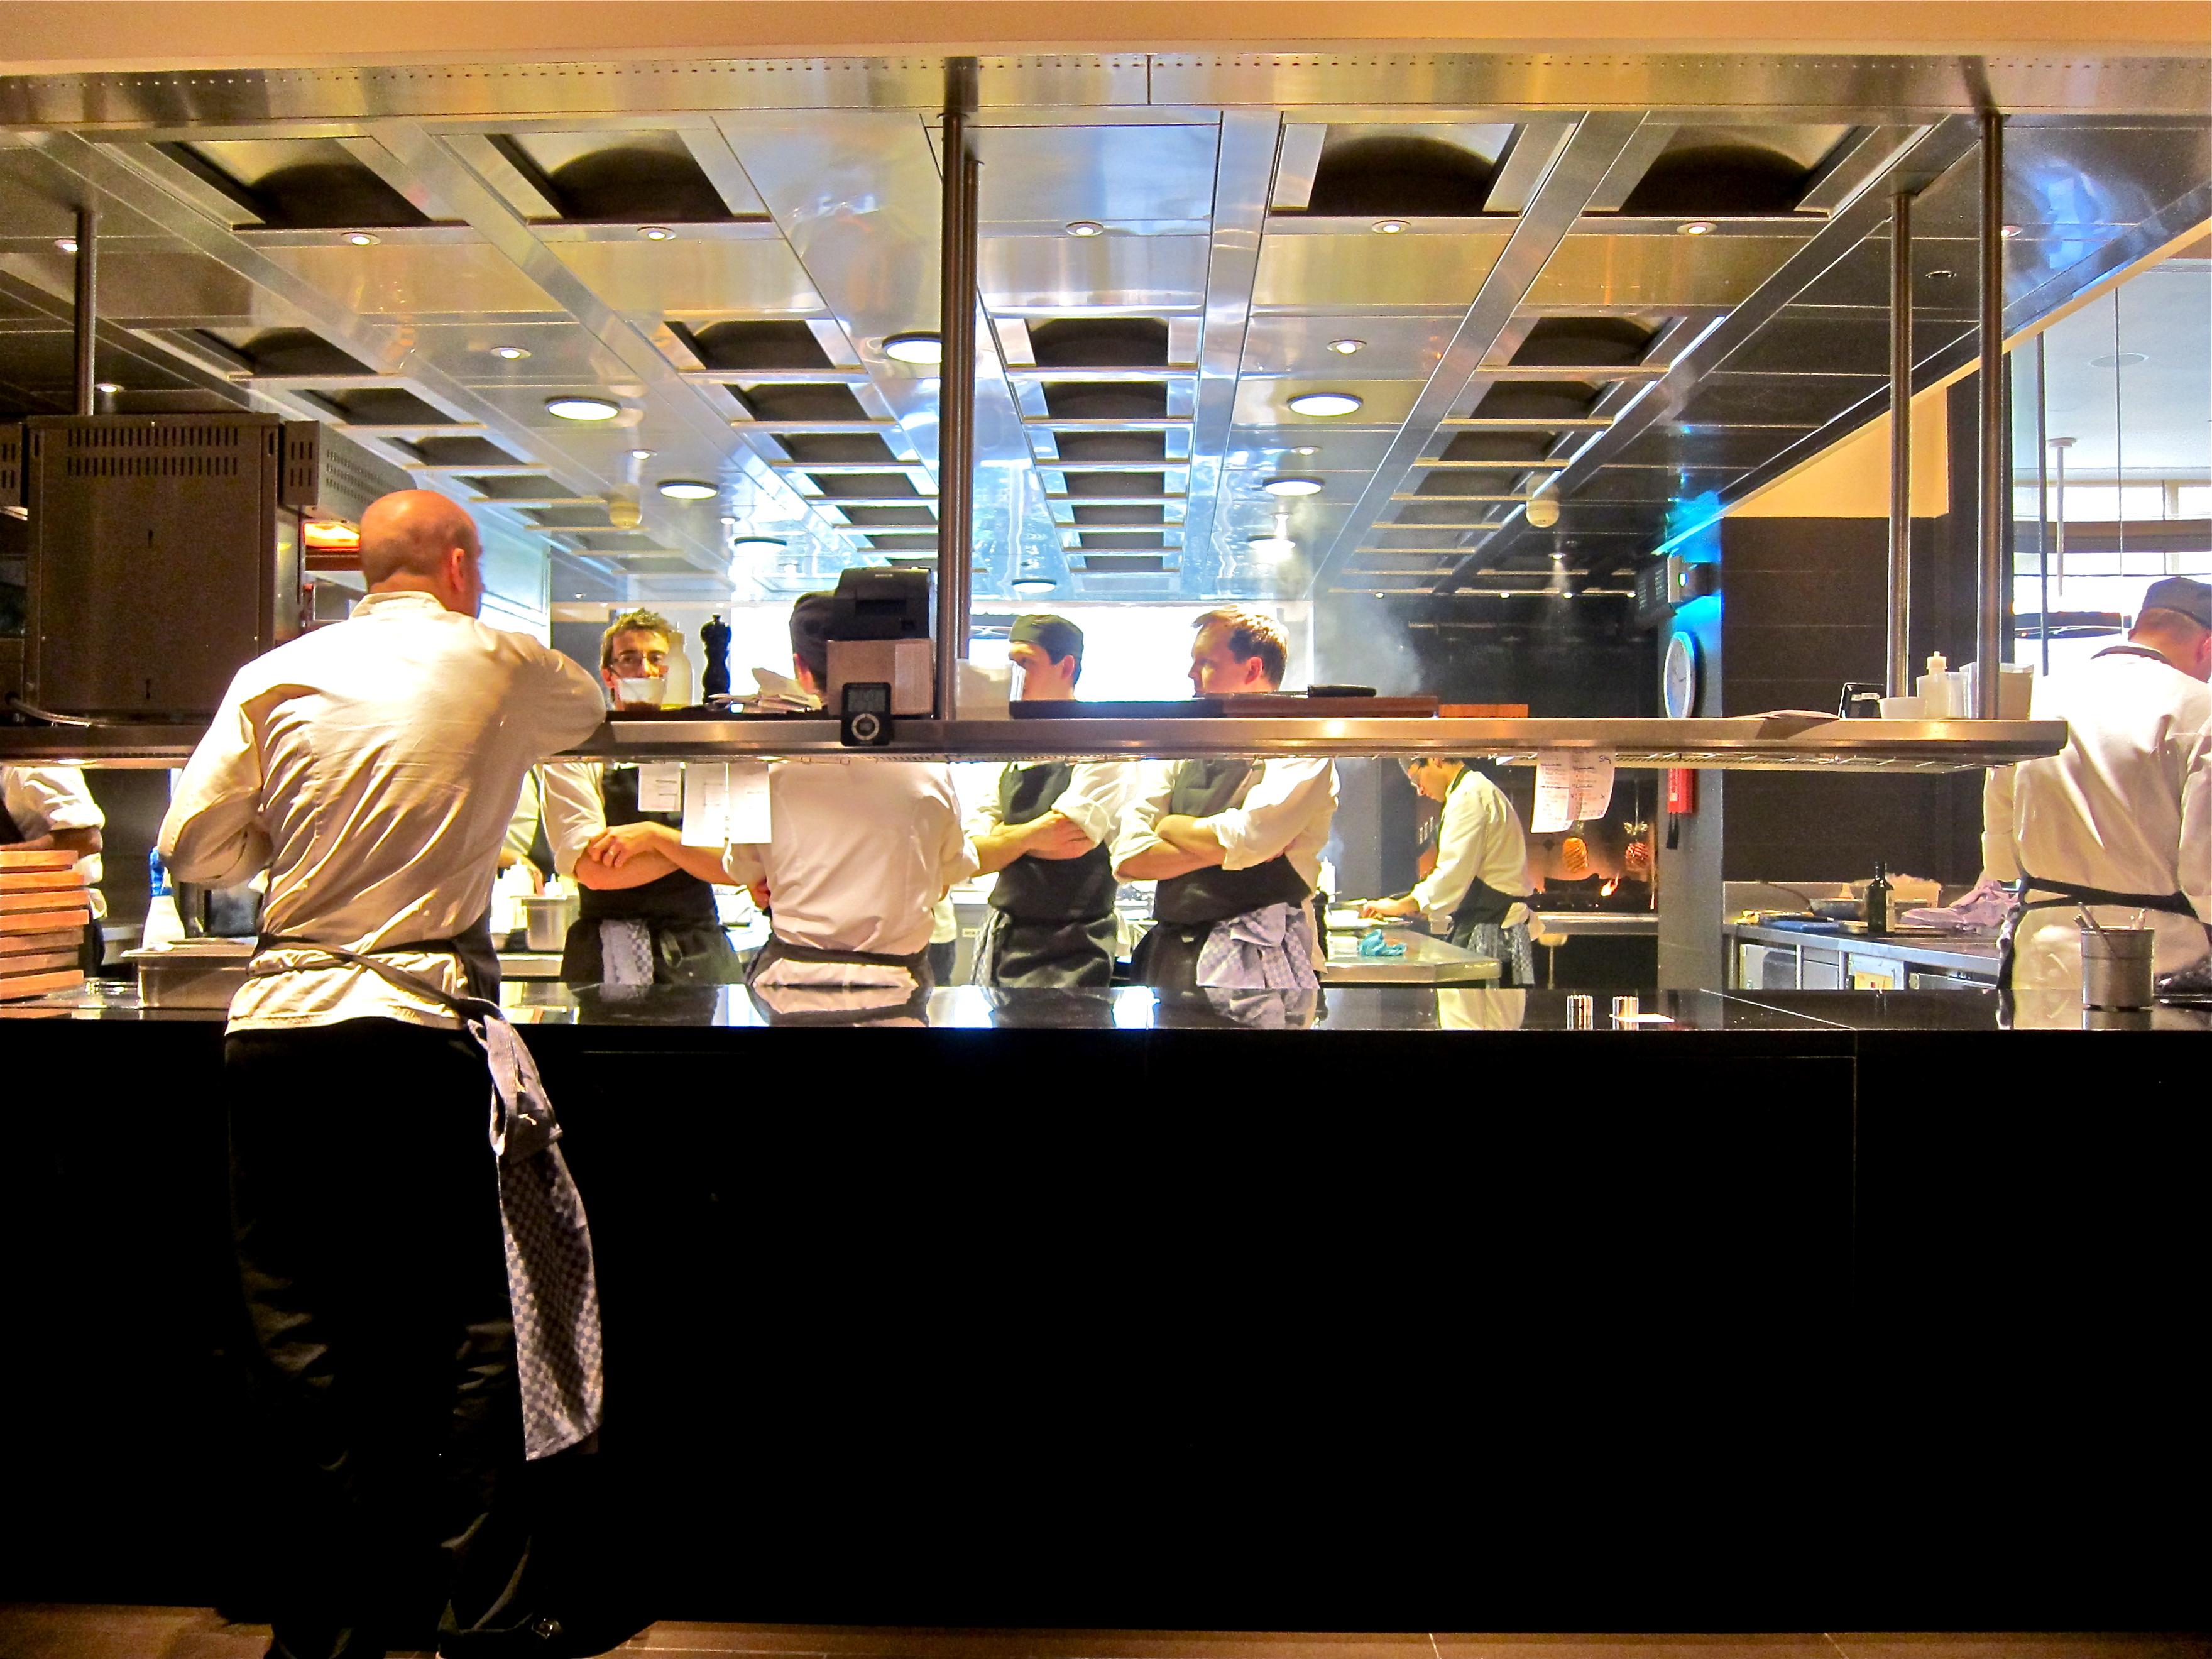 Restaurant Kitchen Pass sauce robert | laissez fare